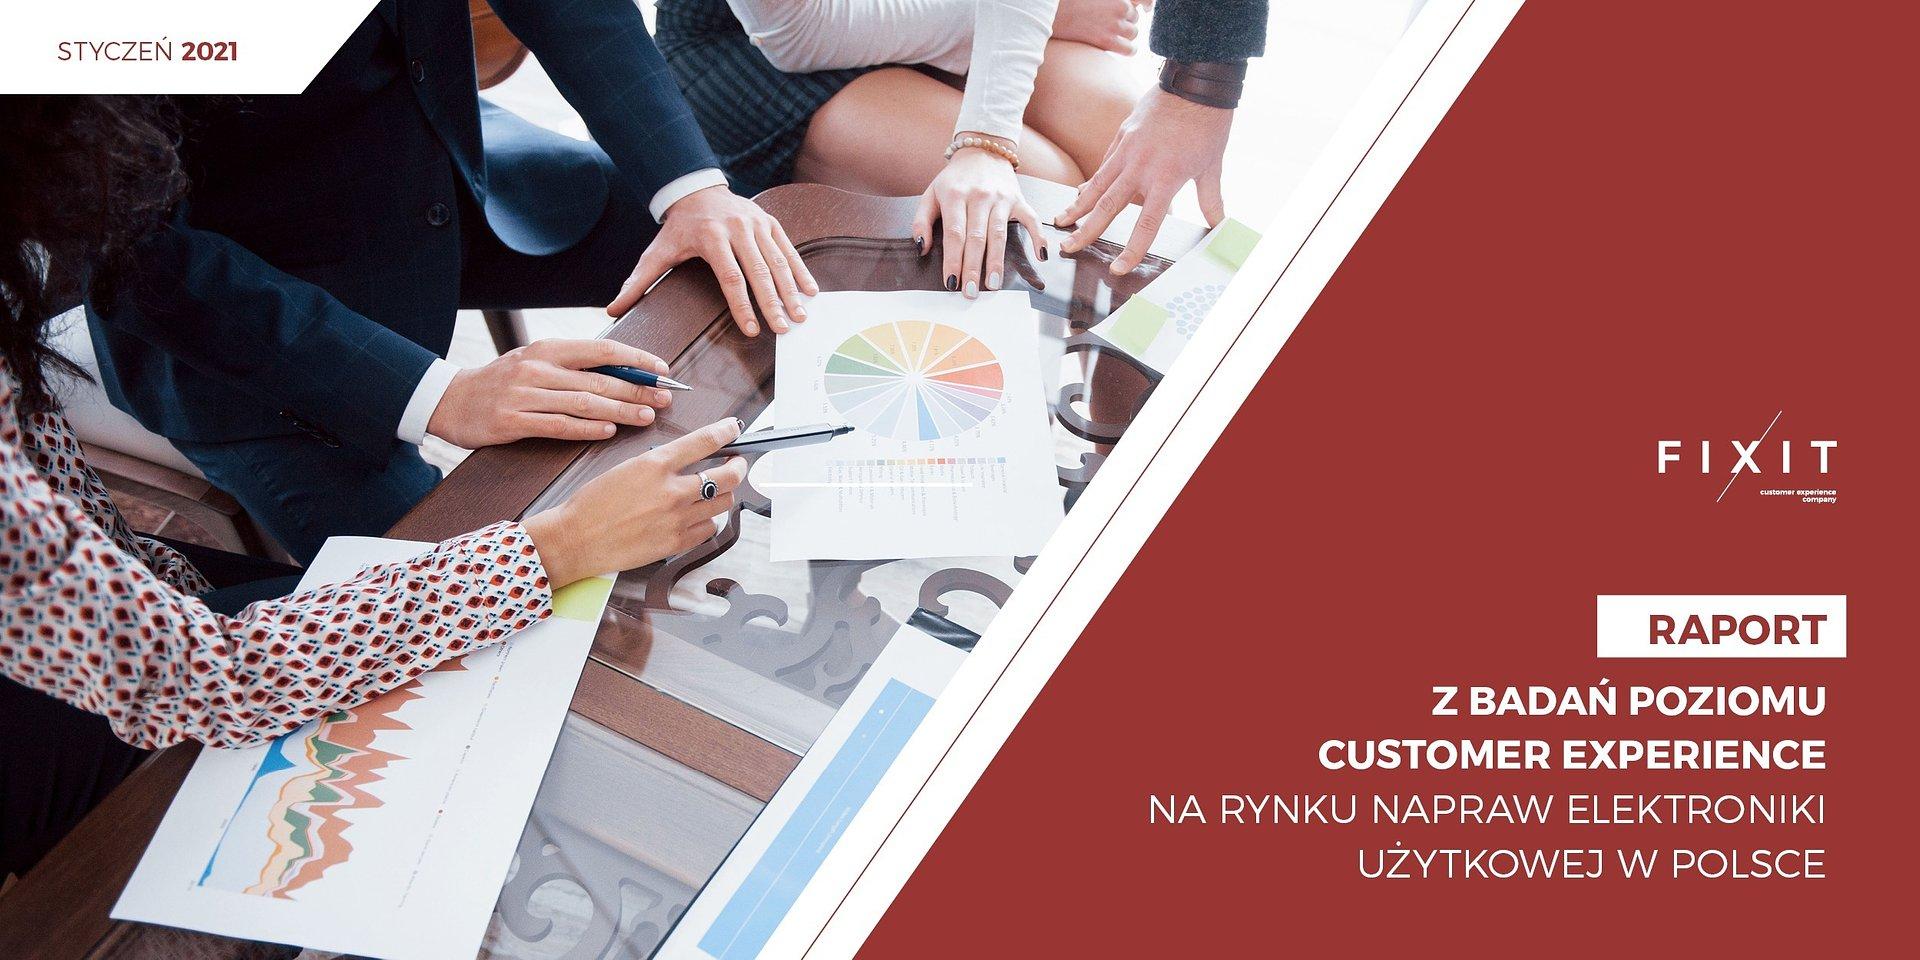 Klienci i sprzedawcy pozytywnie oceniają serwisy elektroniki. Zaskakujące wyniki badań zleconych przez FIXIT